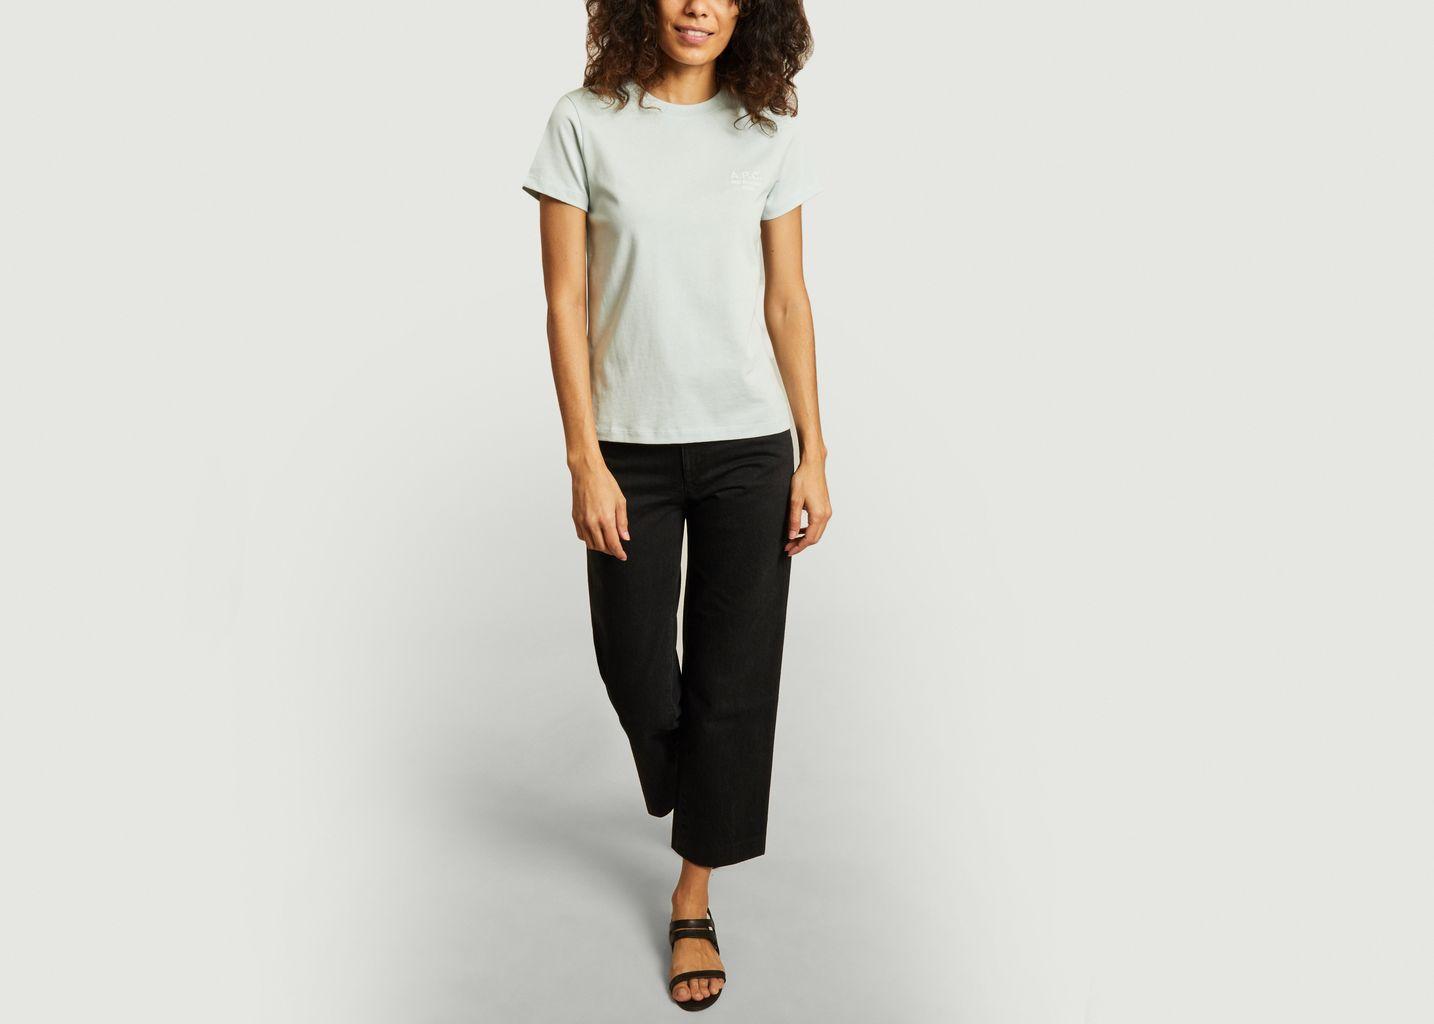 T-shirt Denise - A.P.C.